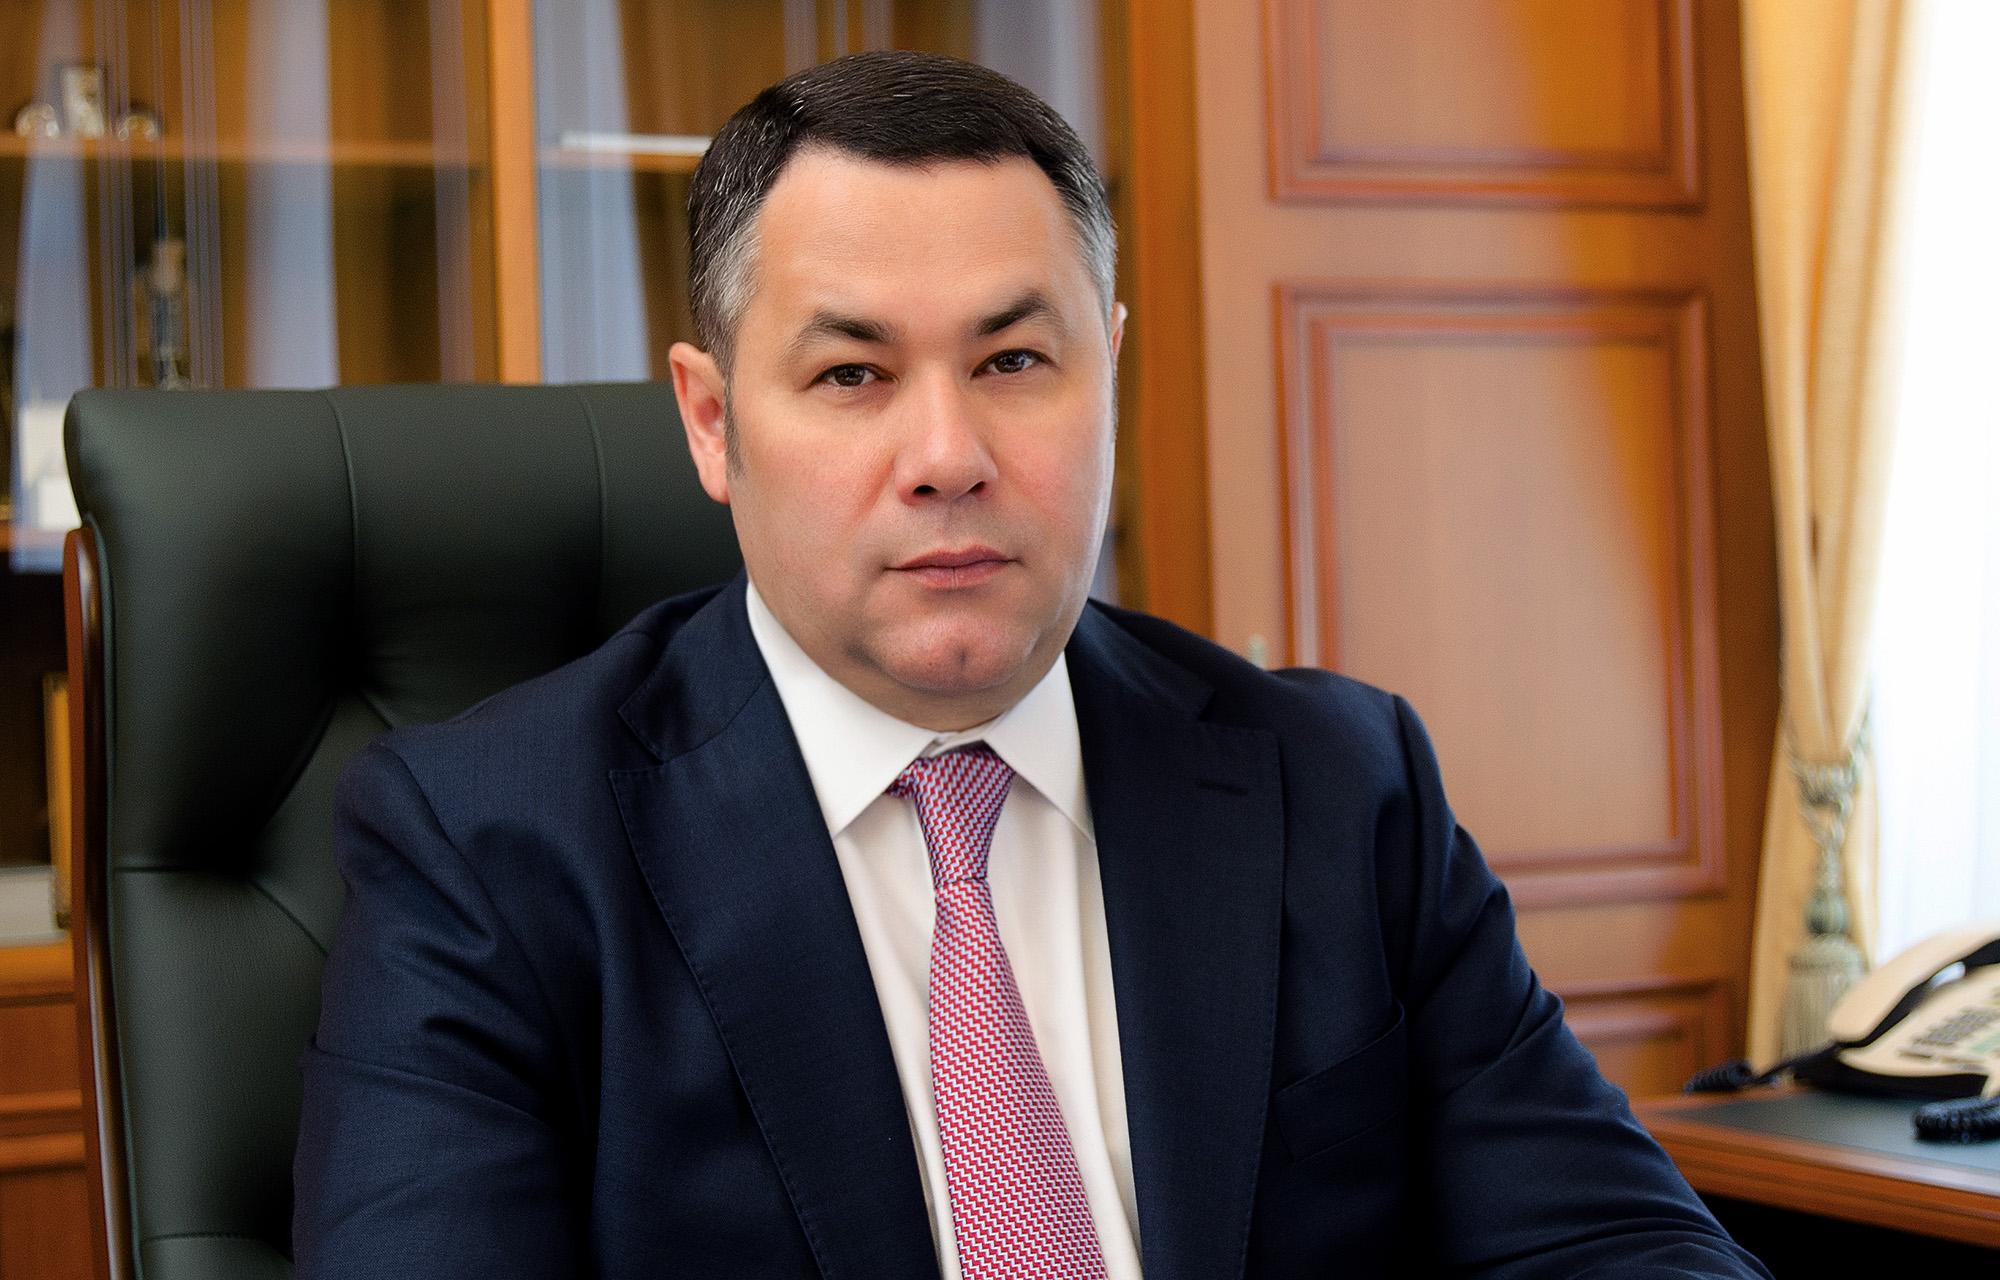 Игорь Руденя подведет итоги года на пресс-конференции 24 декабря